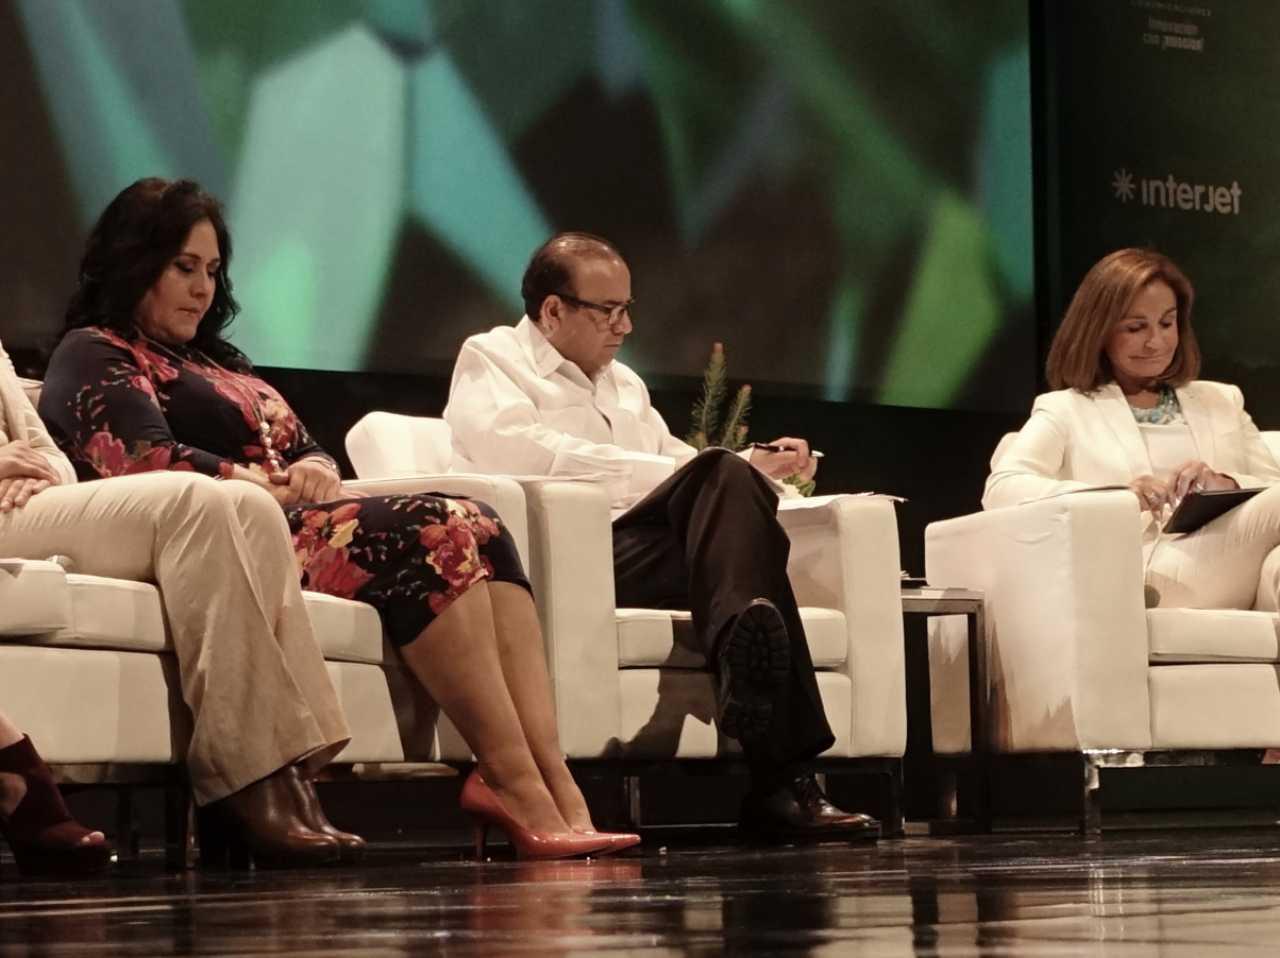 FOTO 2 El Secretario del Trabajo  Alfonso Navarrete Prida  encabez  el panel Salarios y Utilidades  Exigencia de Igualdadjpg